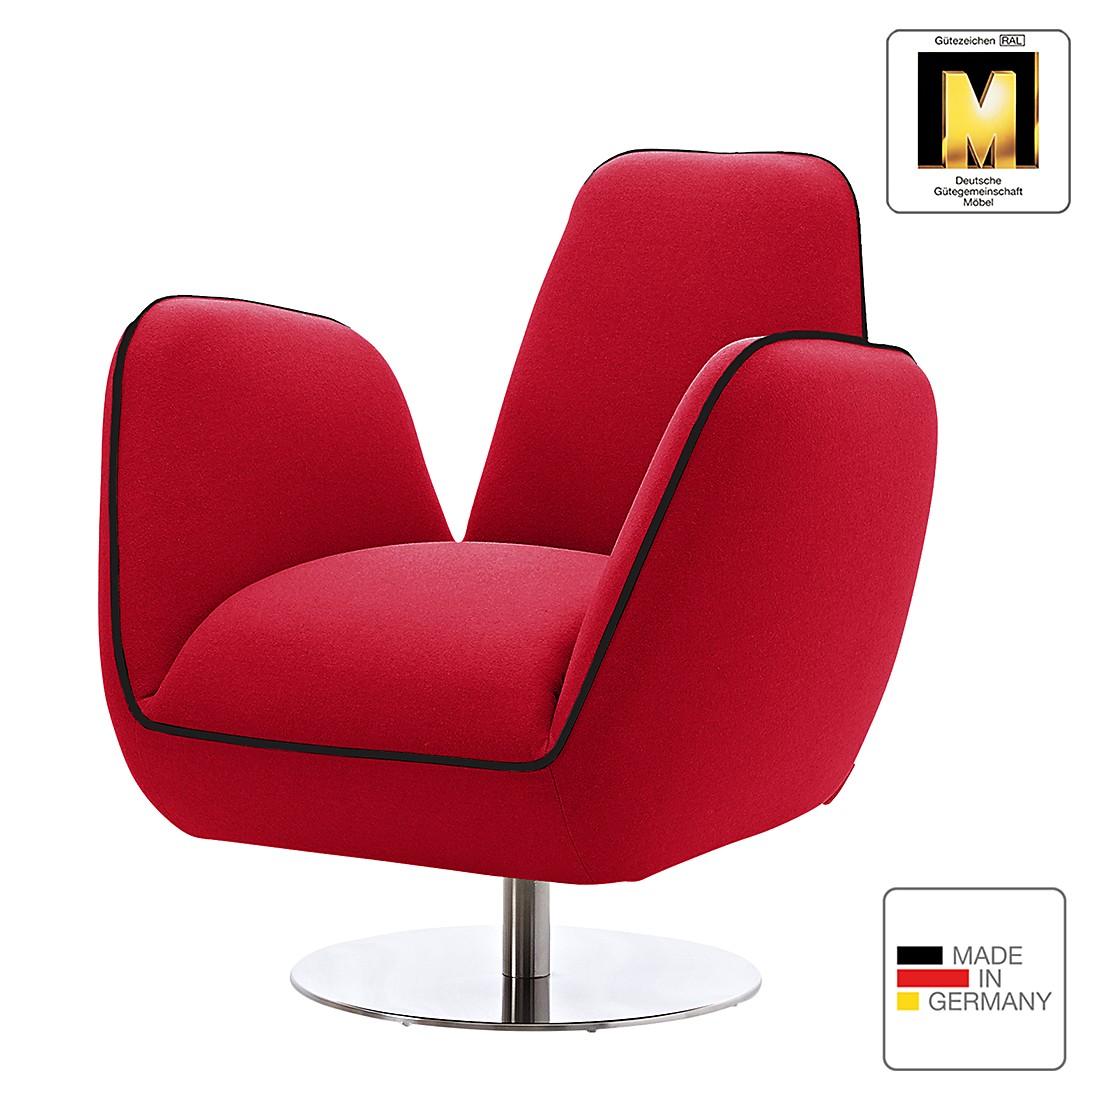 Sessel Pinto I – Webstoff – Rot / Schwarz, Machalke Polsterwerkstätten jetzt kaufen